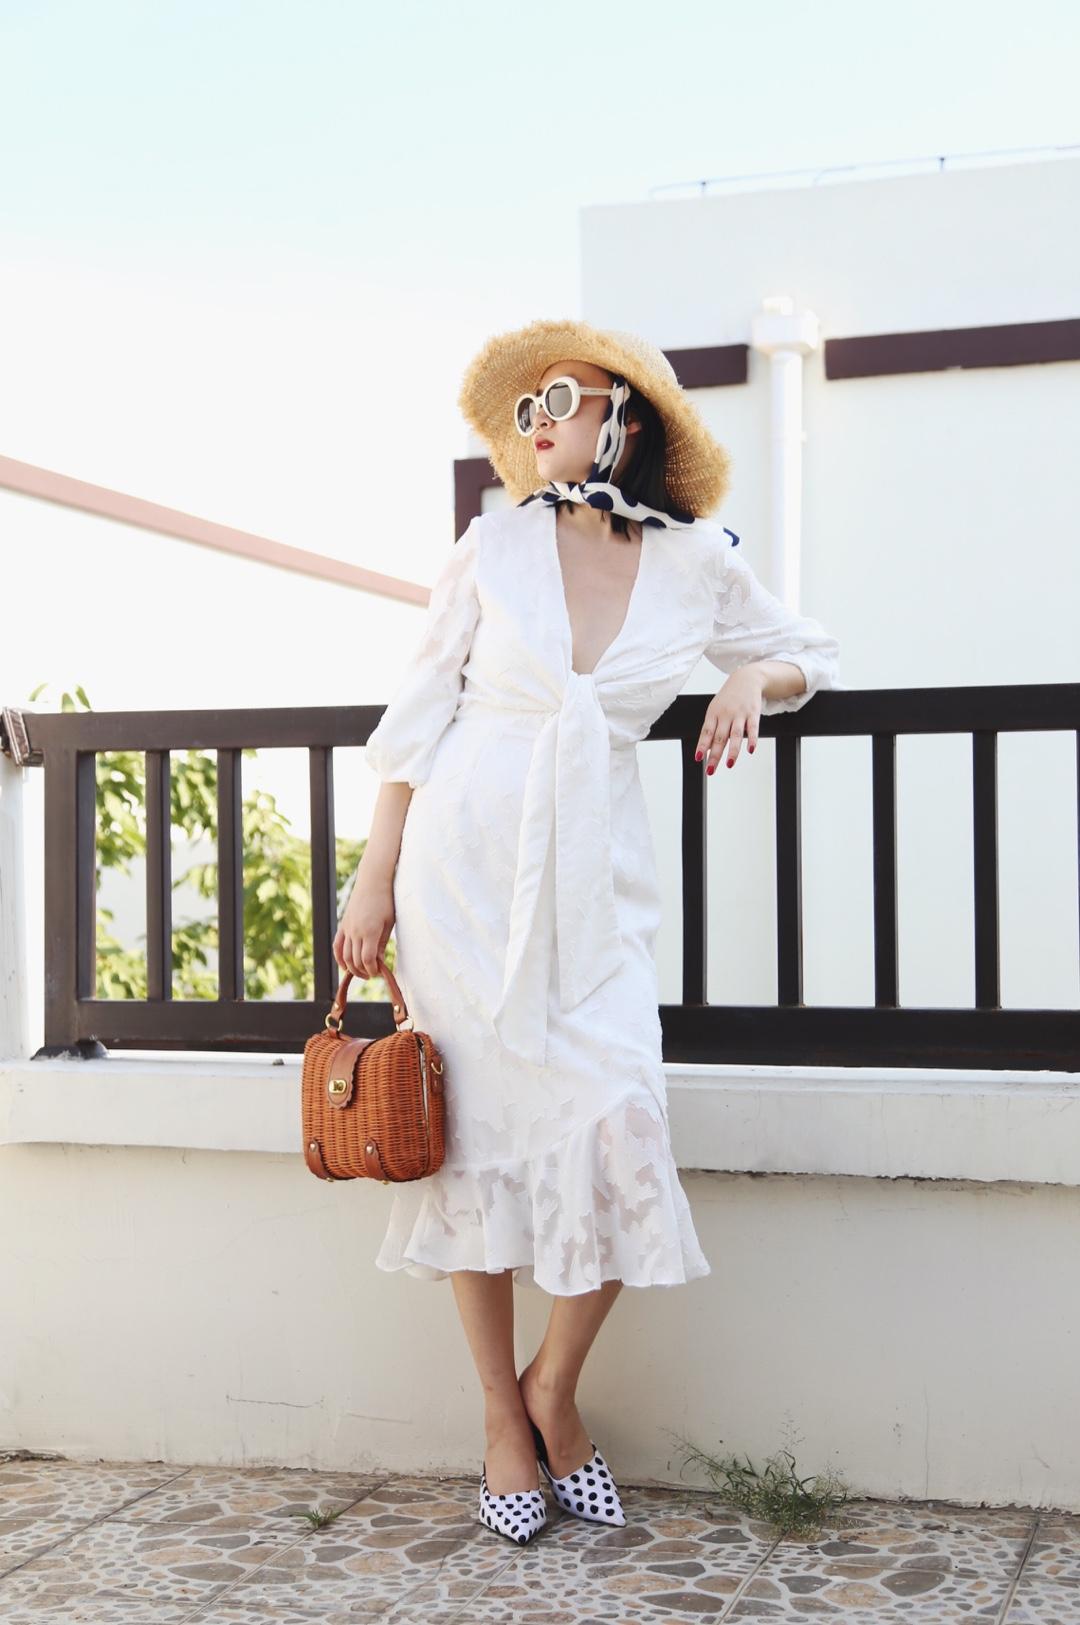 #假期出游,穿什么最清凉?#法式奶白色长袖连衣裙,搭配度假风标配草帽草编包包,真的很喜欢这种超深V的设计